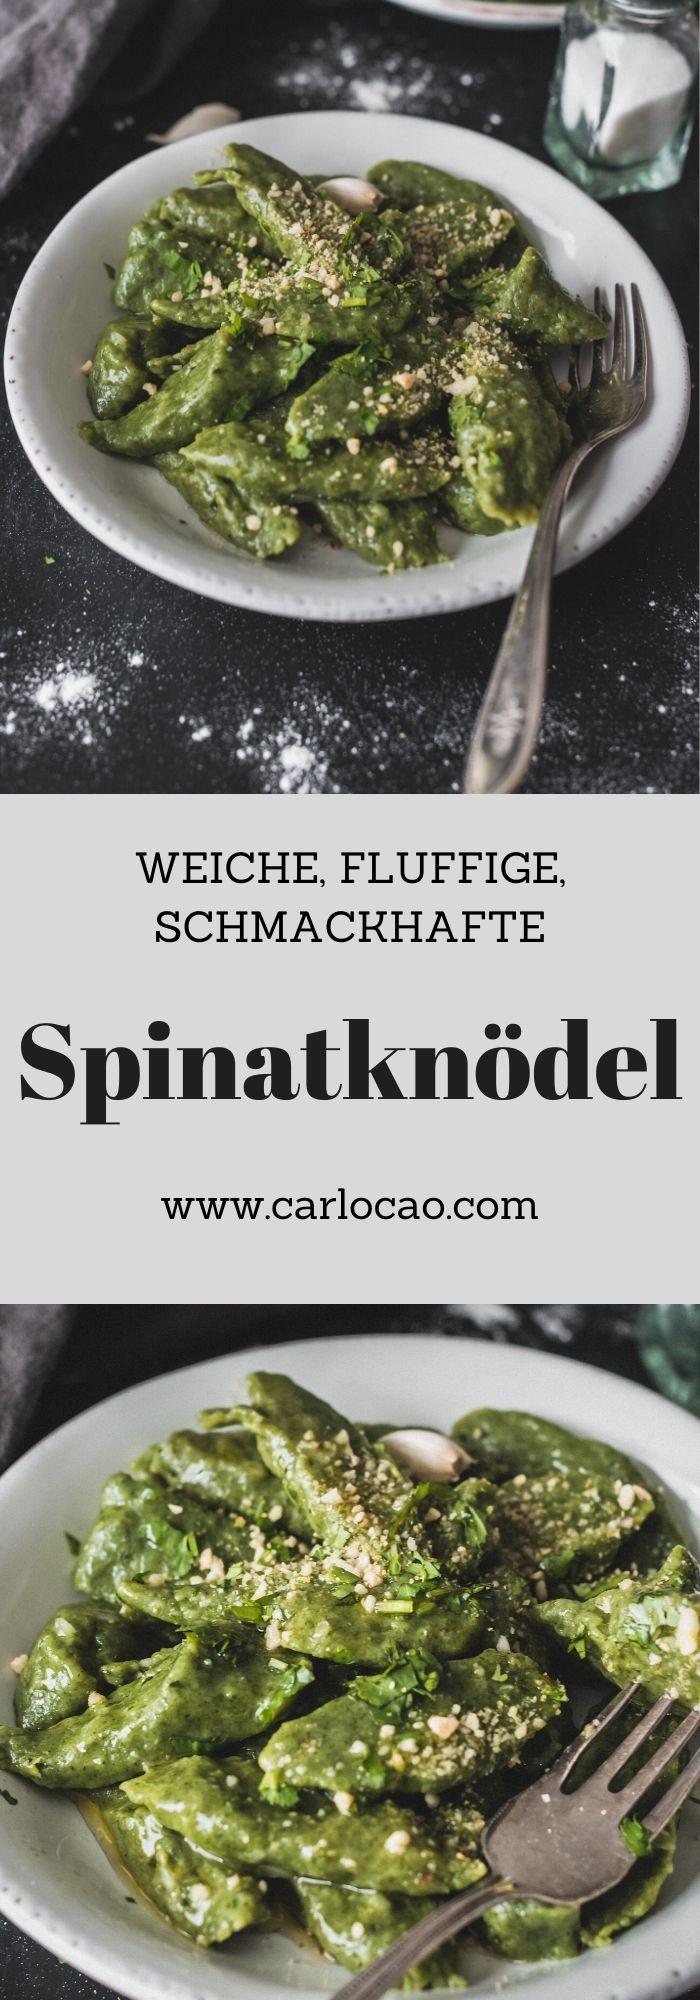 Capunet Spinatknodel Rezept Kuchenmaschine Rezepte Und Vegan Und Lecker